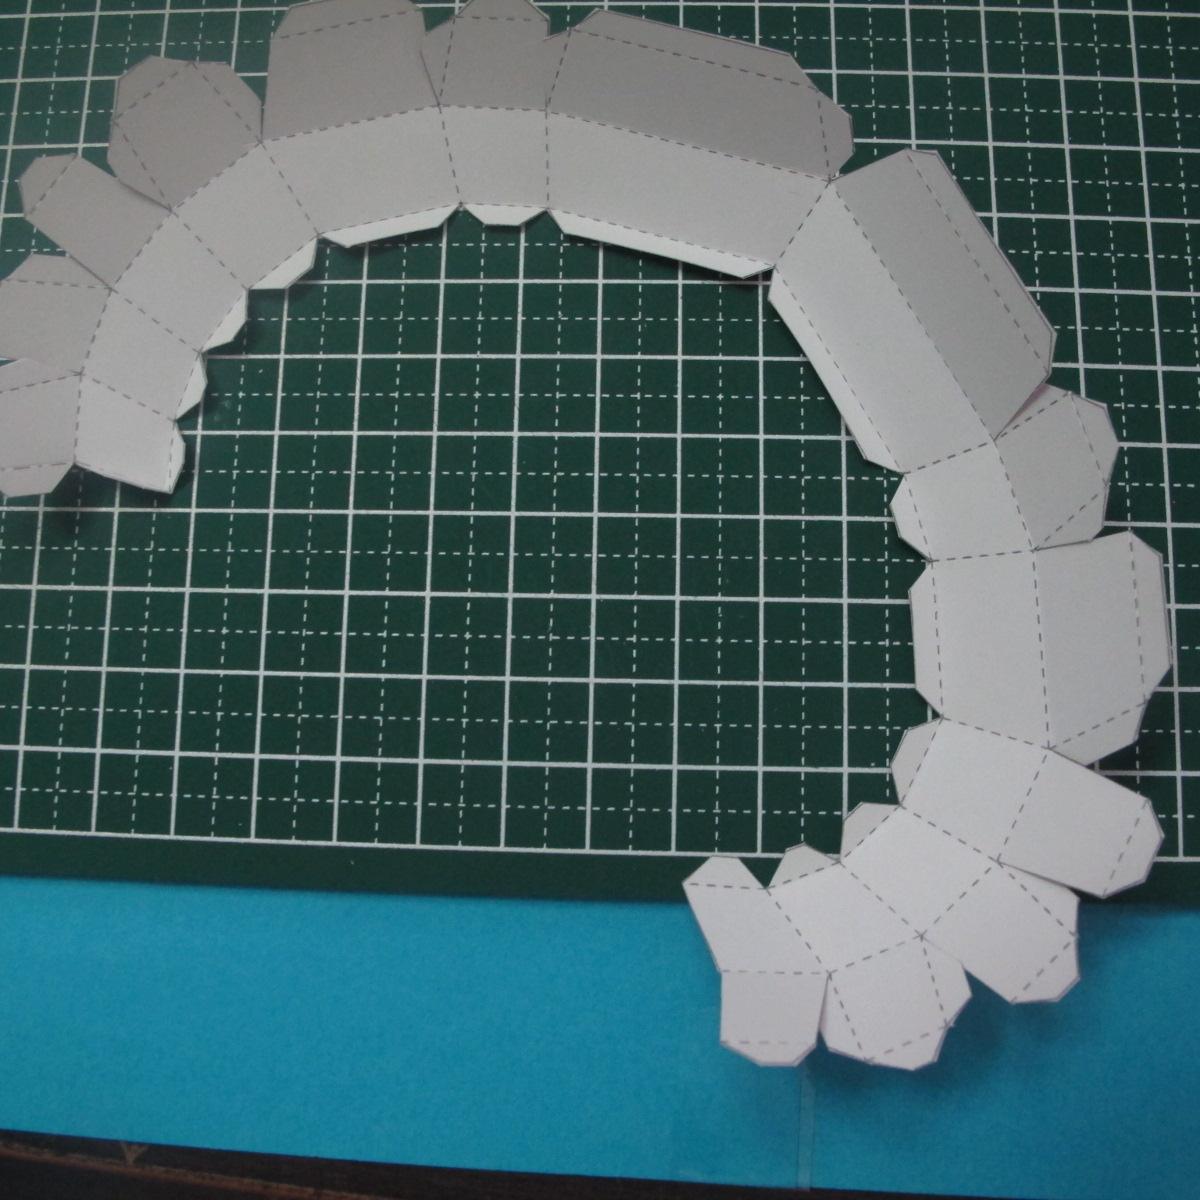 วิธีทำของเล่นโมเดลกระดาษรูปหัวใจ 008